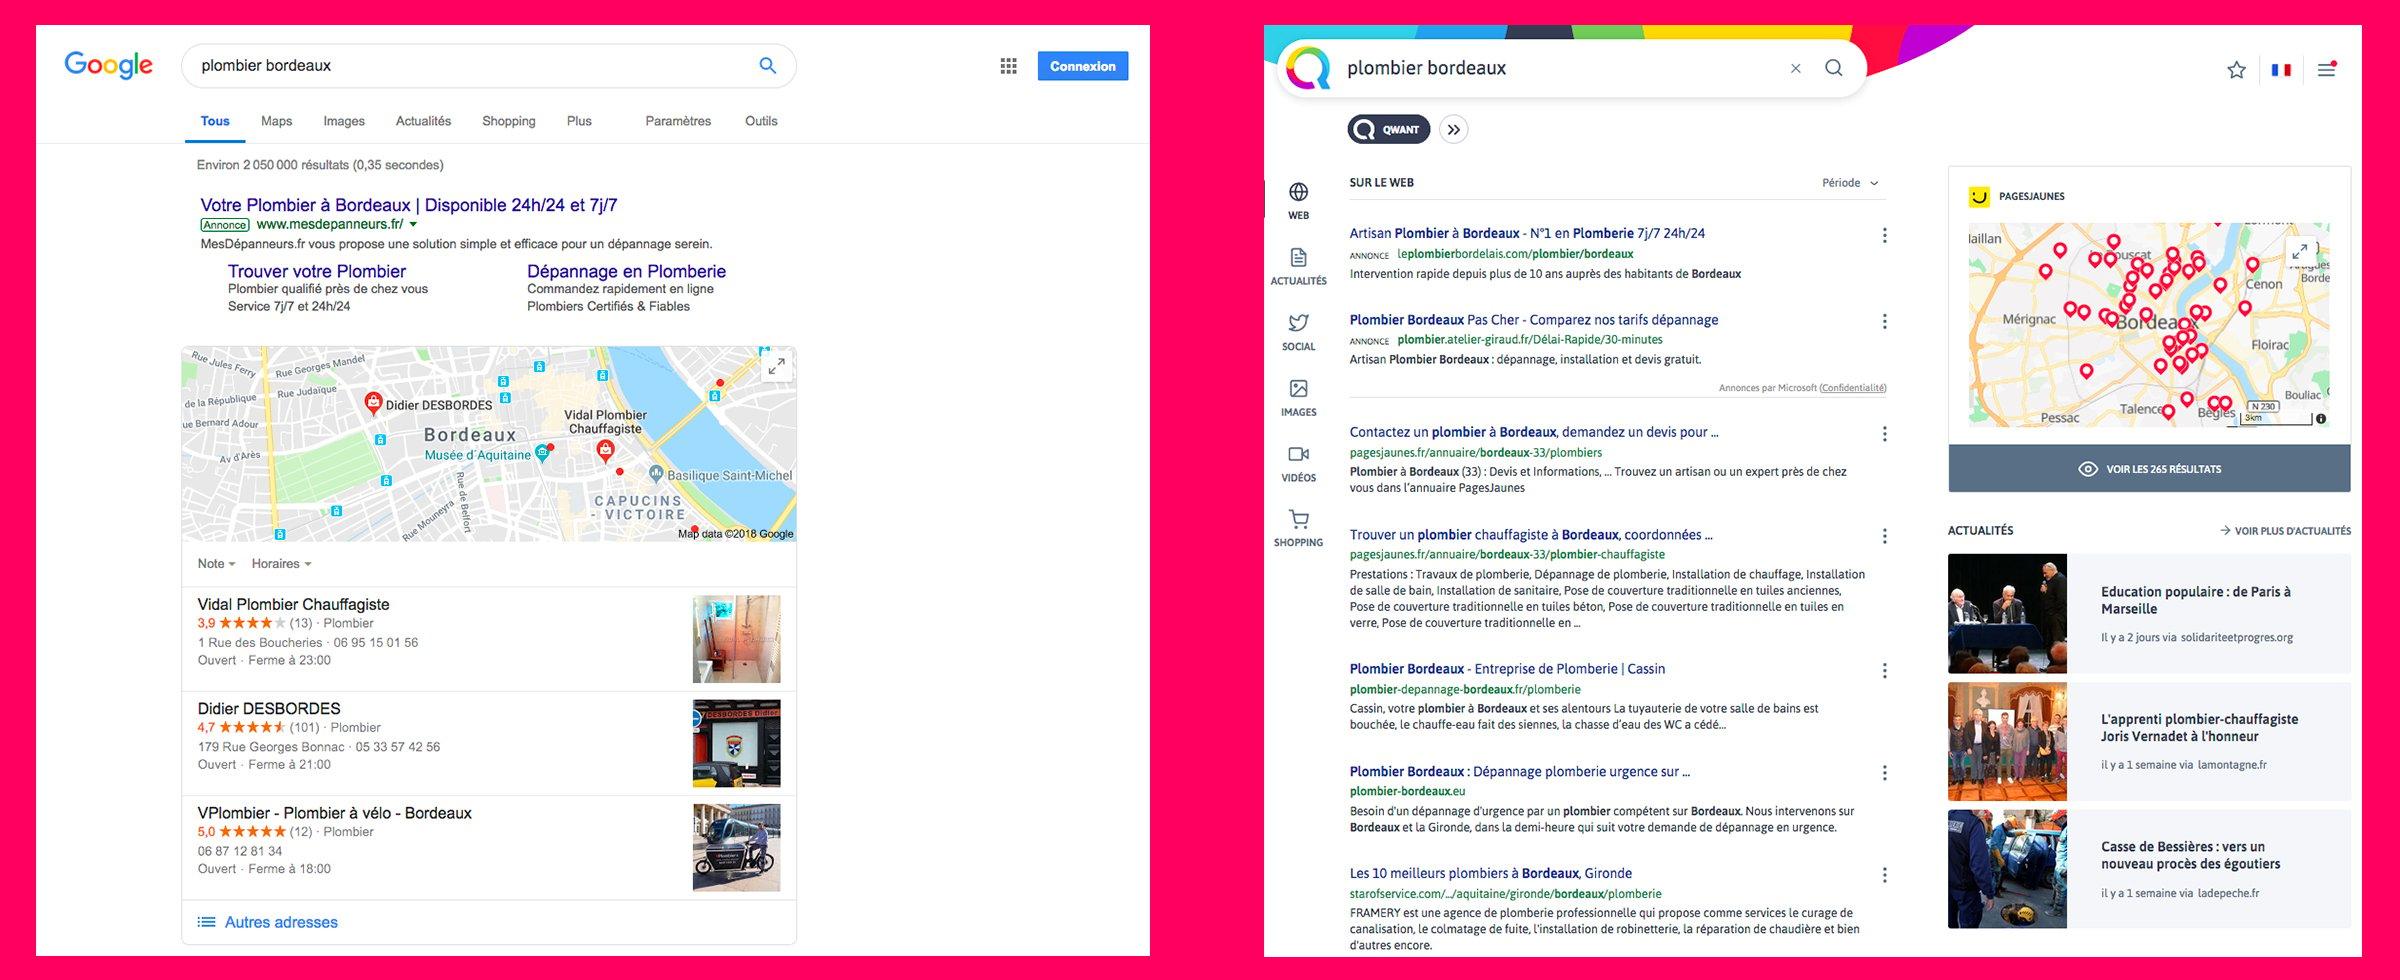 recherche-locale-Google-qwant